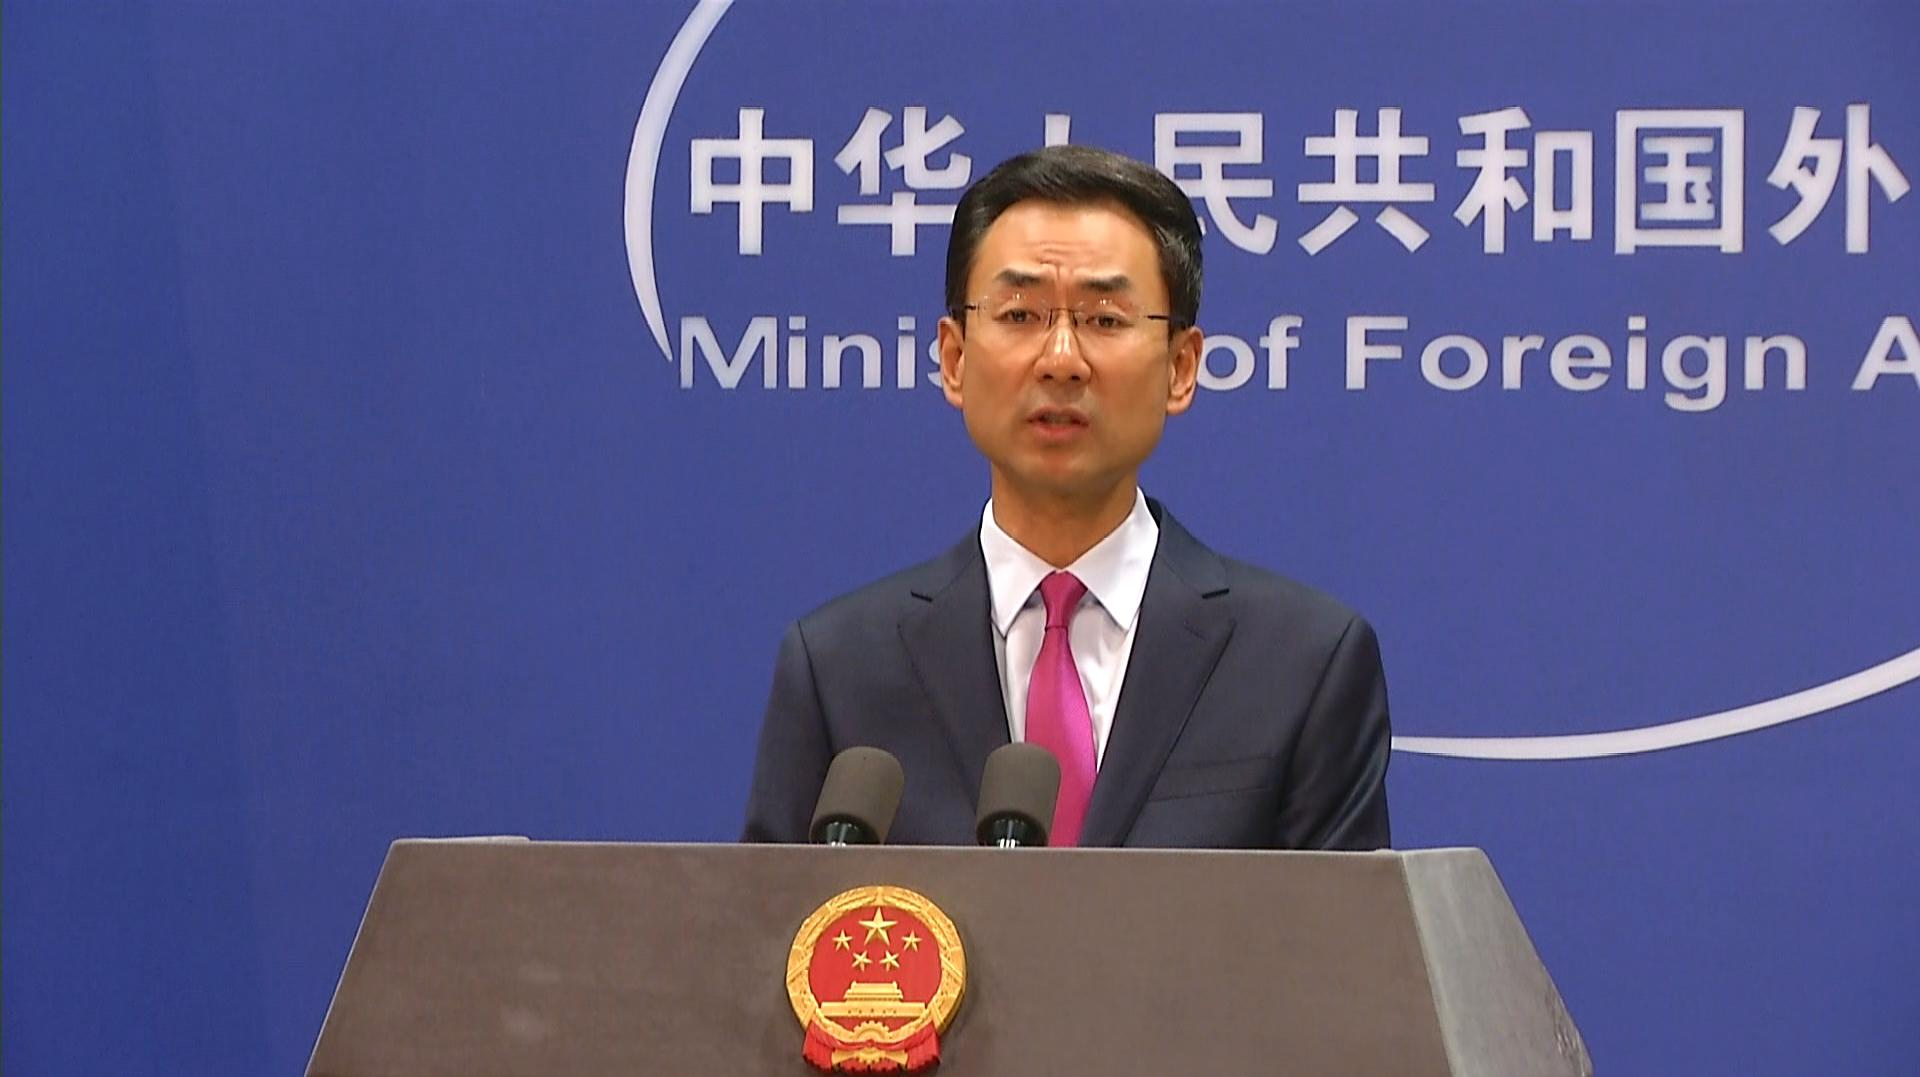 深圳卫视提问莫雷涉港言论风波一事 外交部怎么说?